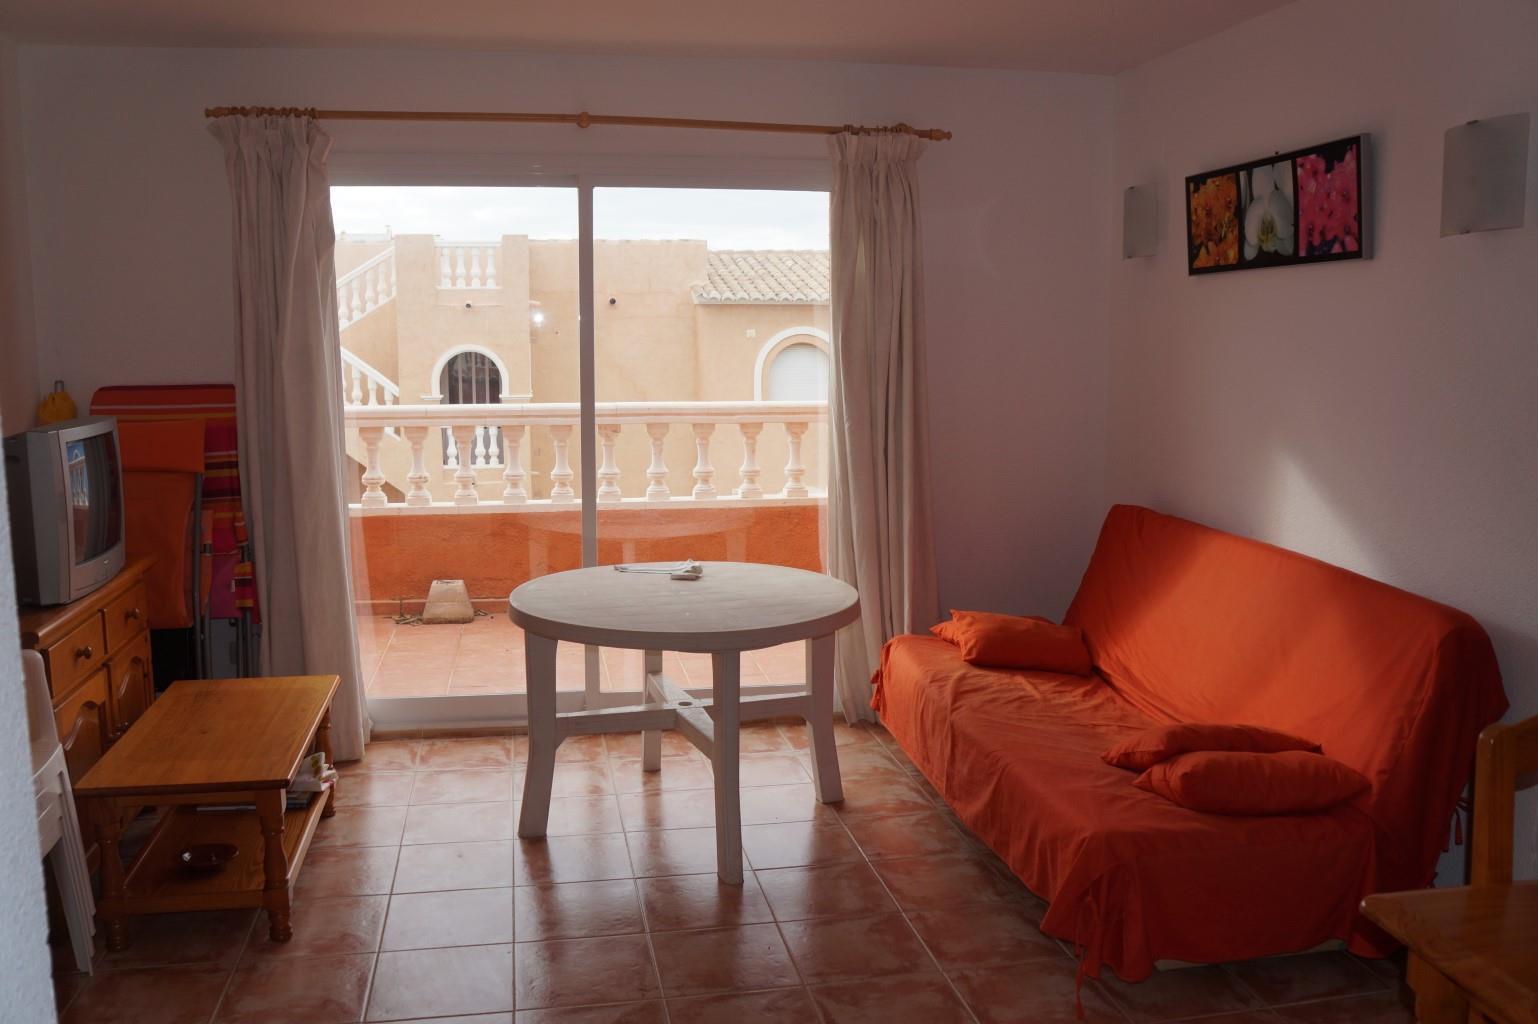 Appartement - Benitachell - #2183105-3